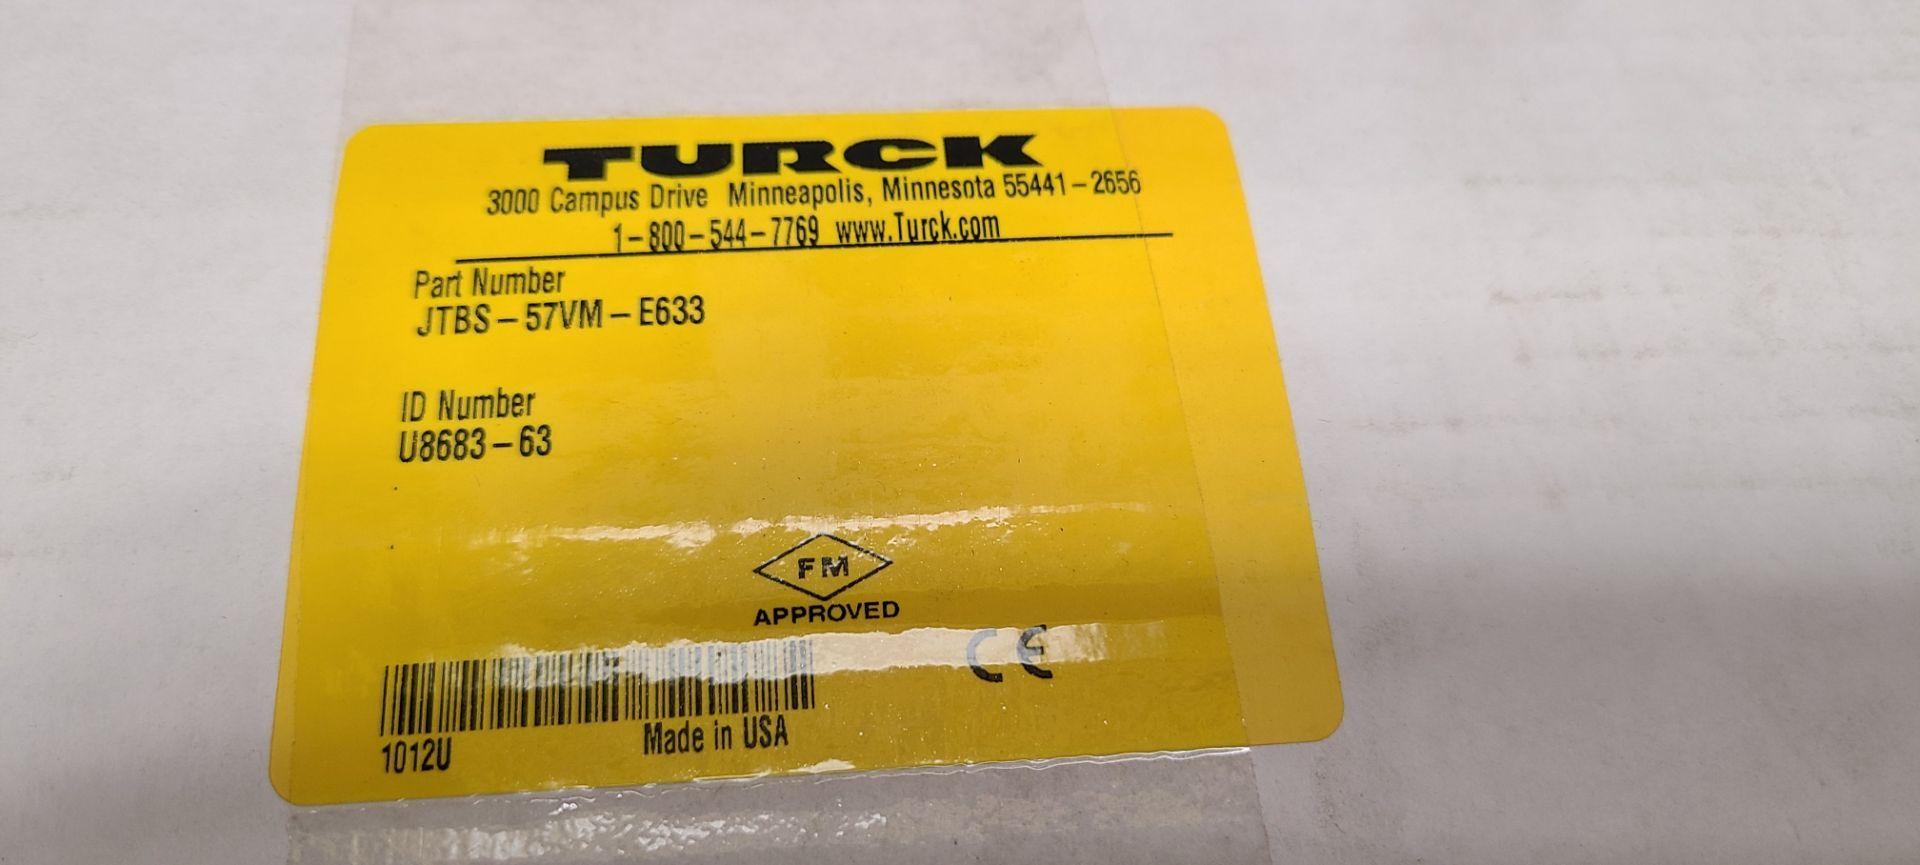 NEW TURCK DEVICENET EUROFAST 6 PORT TEE JUNCTION - Image 2 of 3